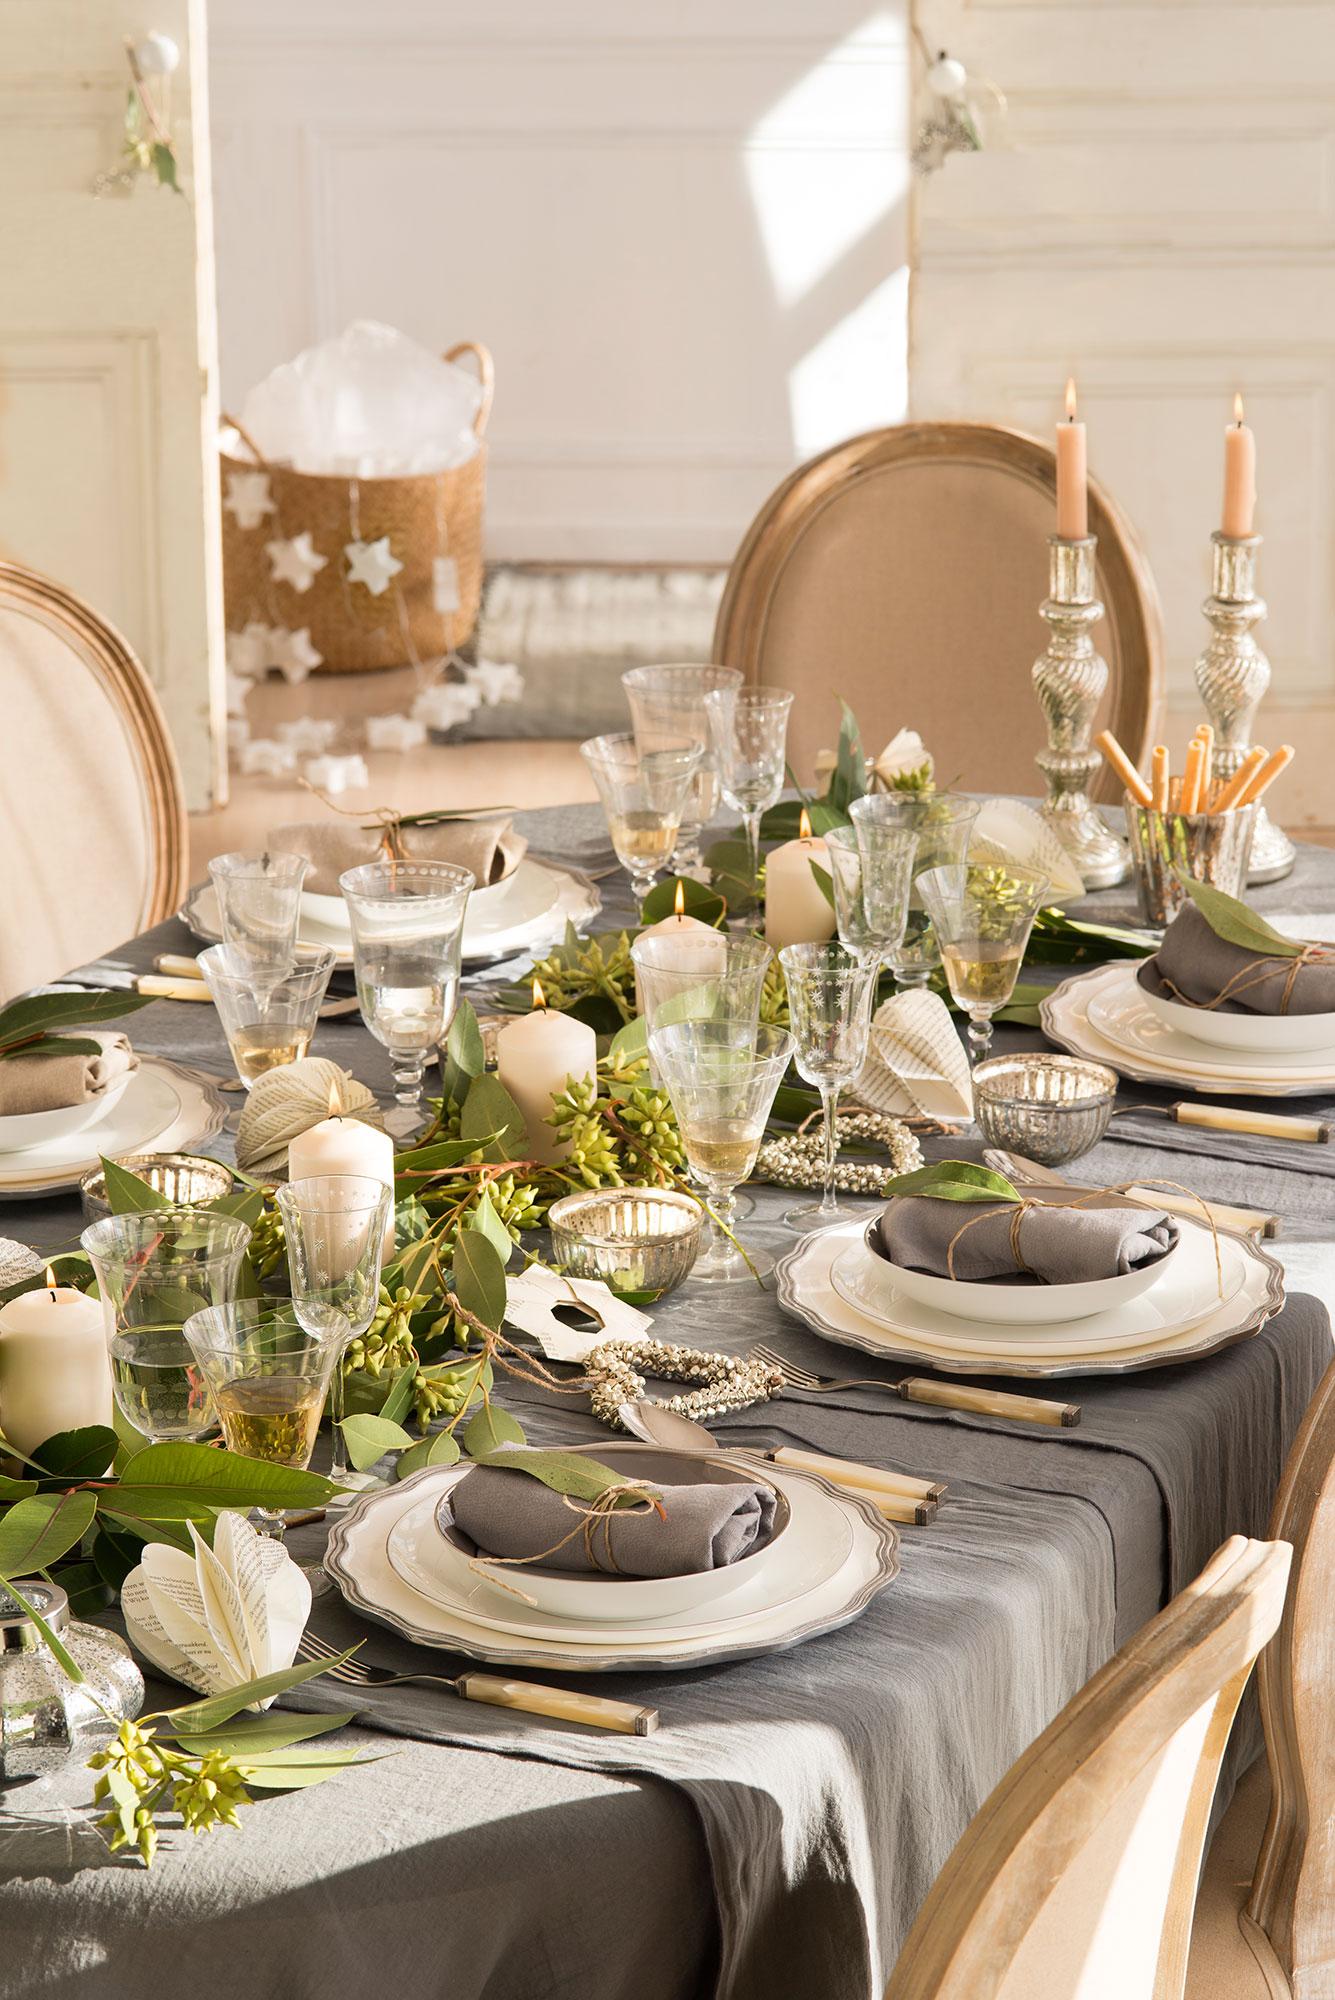 15 propuestas para decorar la mesa de fiesta - Como adornar la mesa en navidad ...